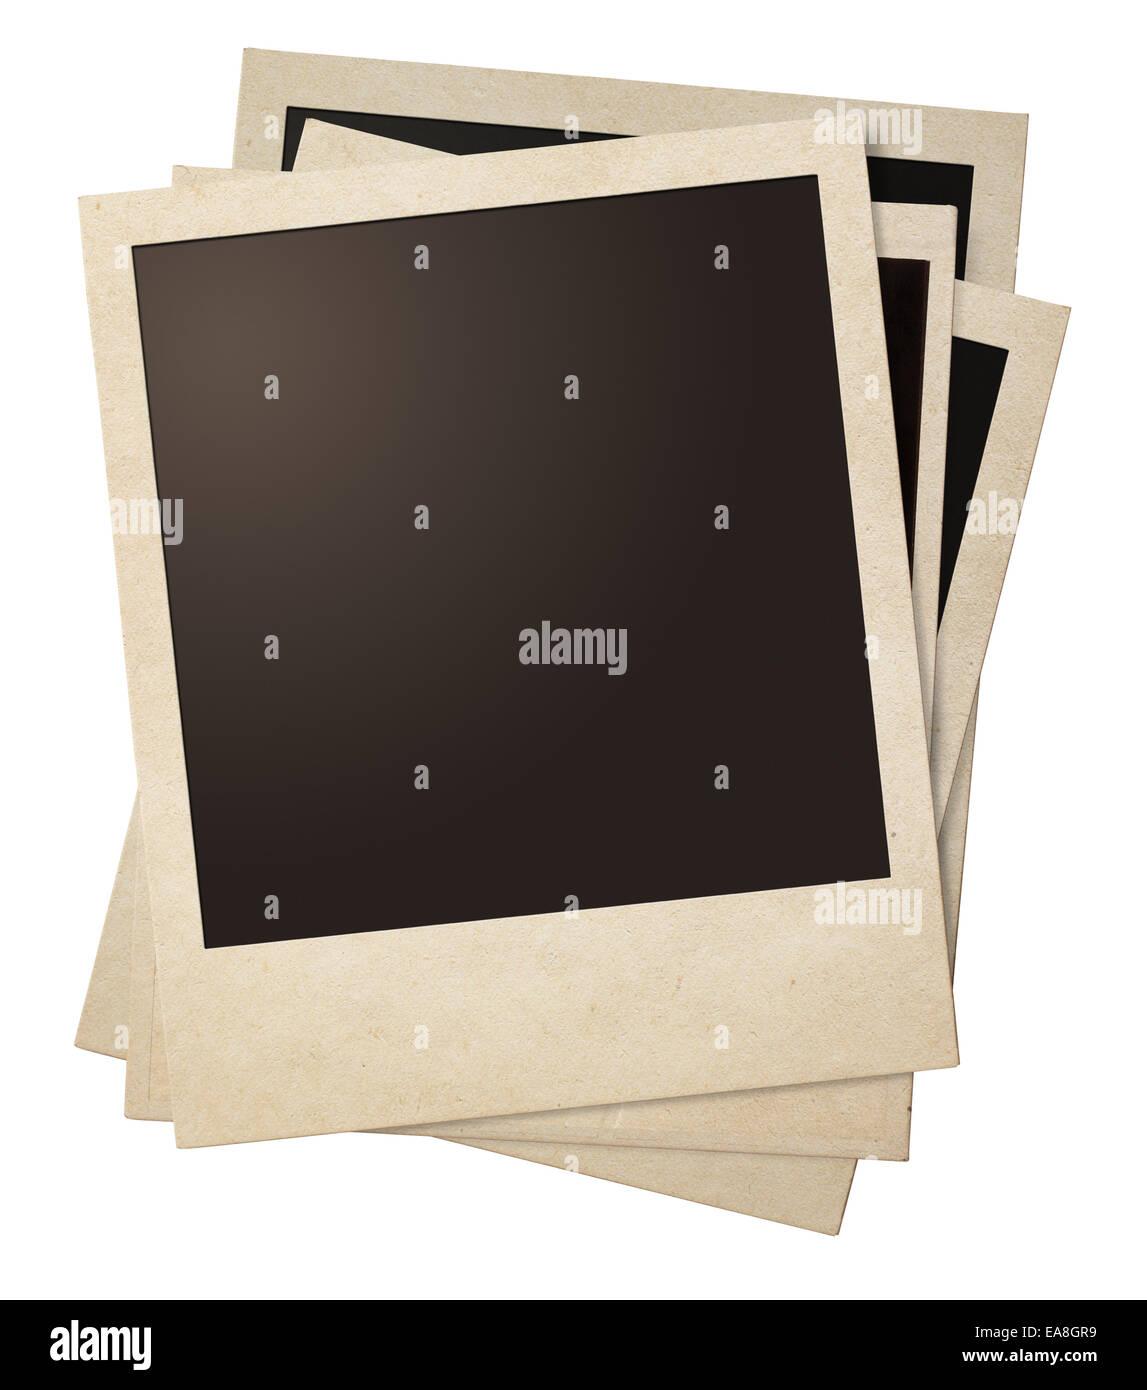 Retro Polaroid Photo Frame Template Stockfotos & Retro Polaroid ...